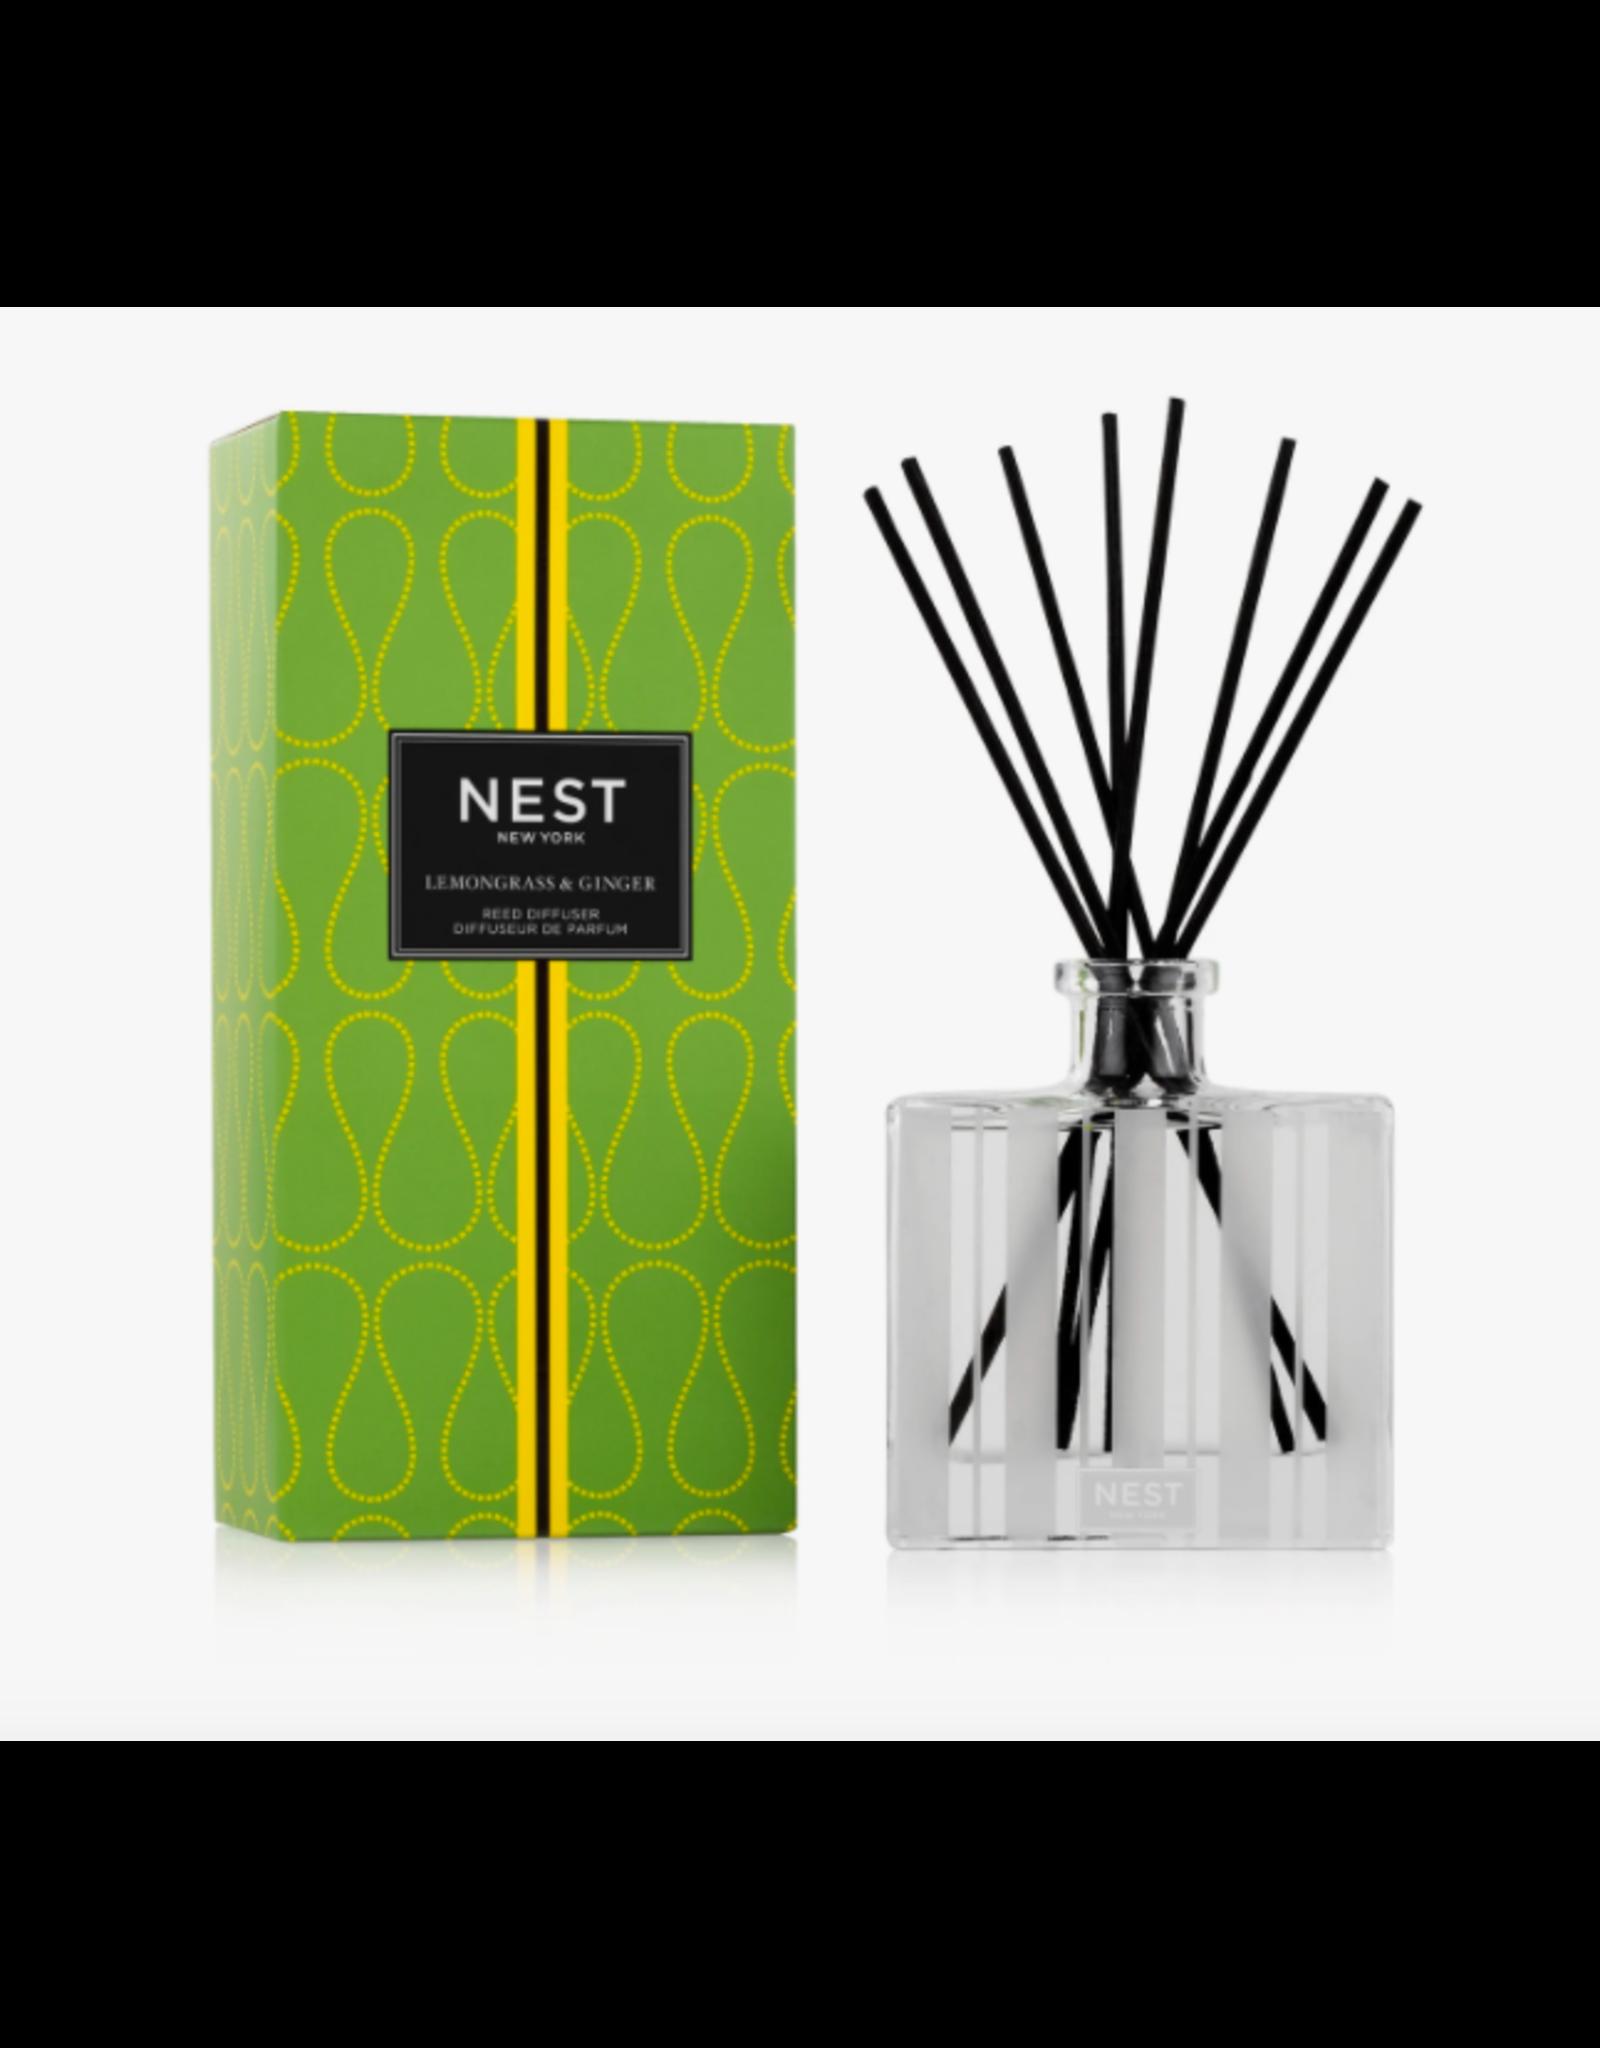 Nest Fragrances Lemongrass & Ginger Reed Diffuser